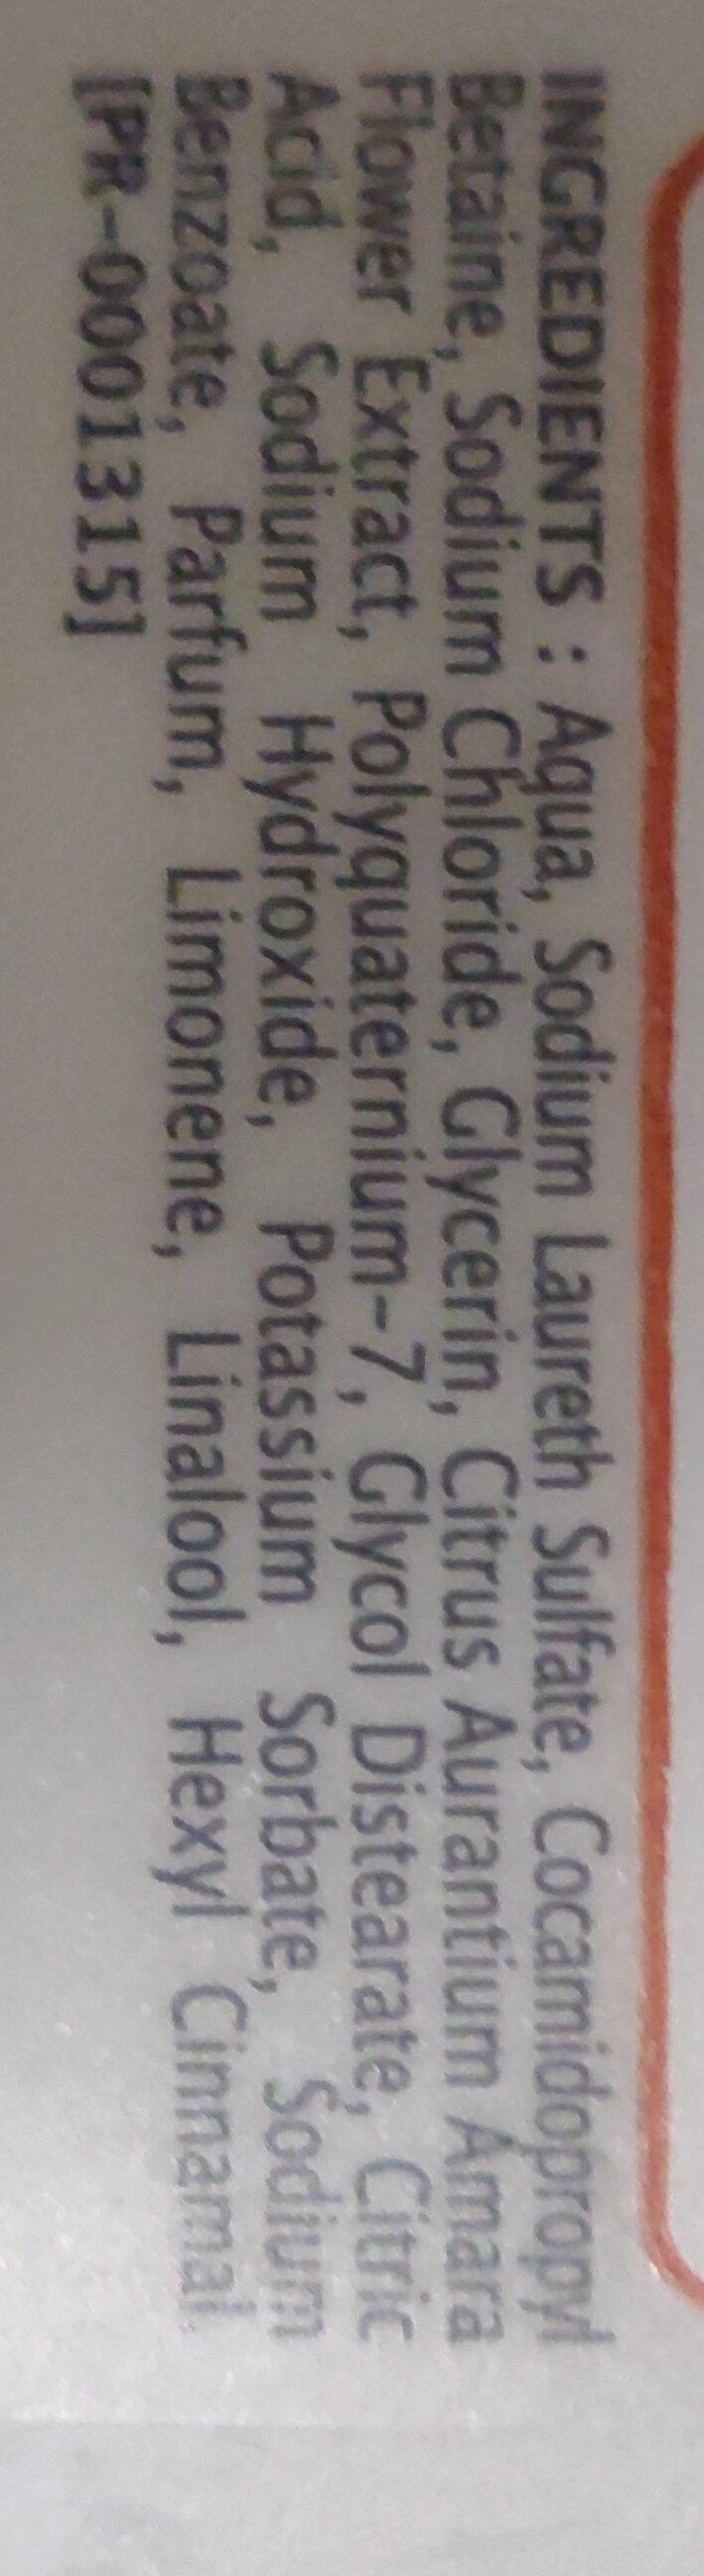 Douche crème - Ingredients - fr